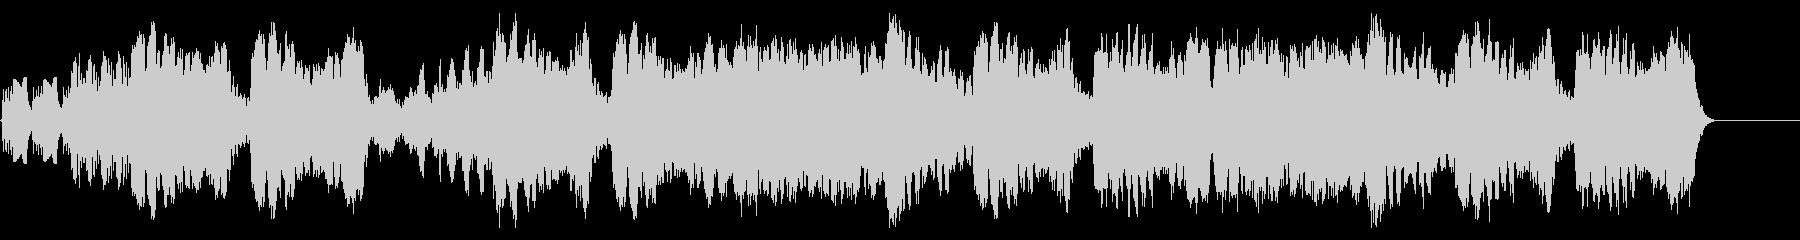 結婚行進曲/メンデルスゾーン パイプ の未再生の波形